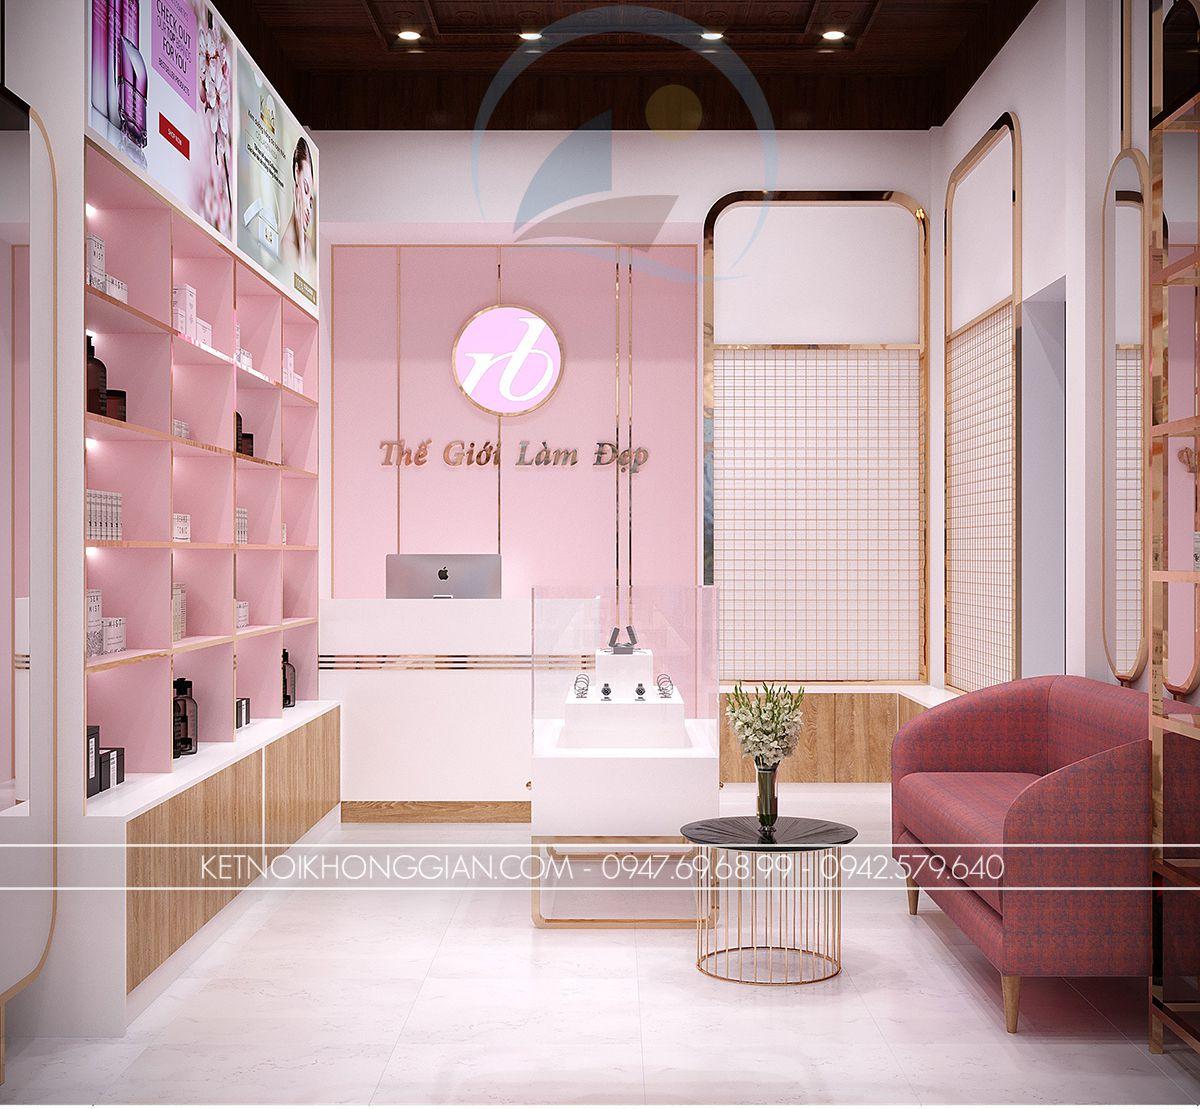 thiết kế góc livestream cửa hàng